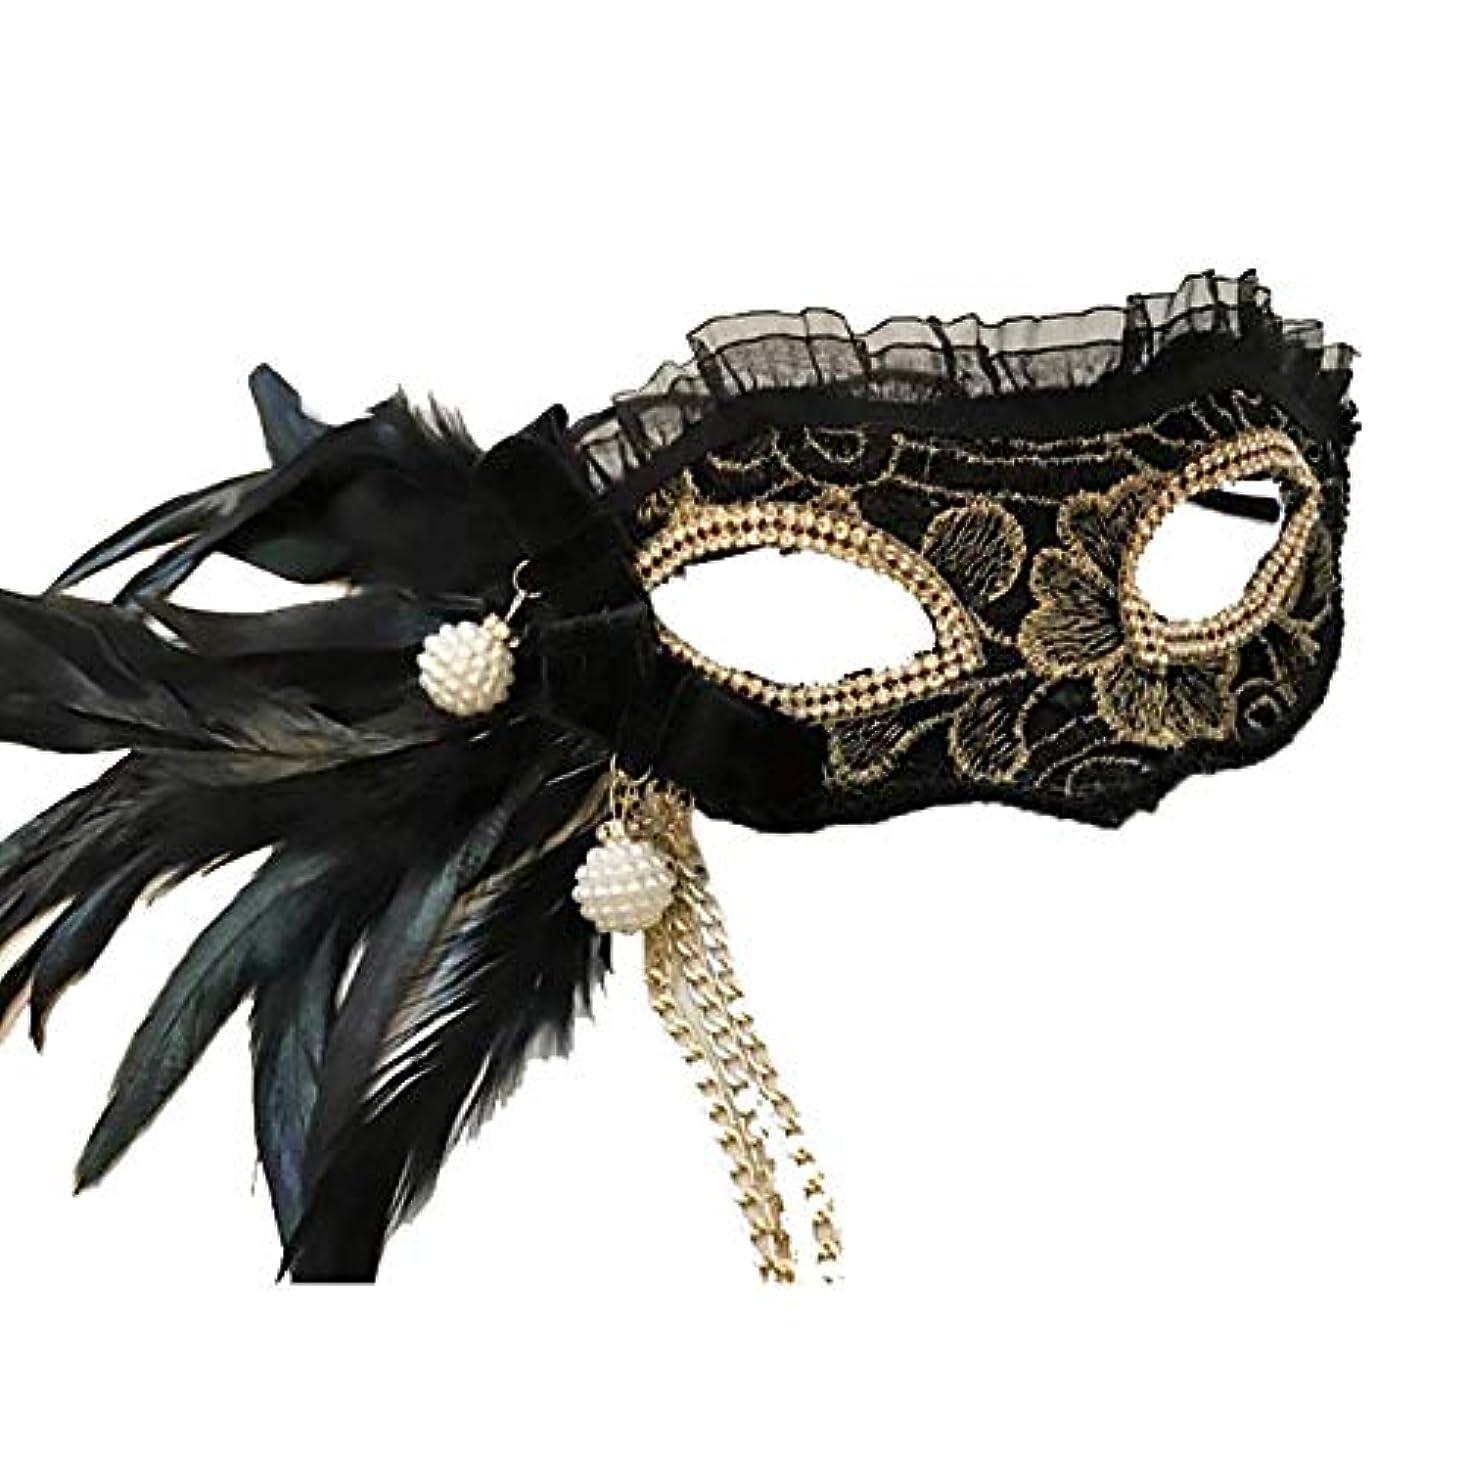 縫う本物のミシン目Nanle ハロウィンクリスマスフェザー刺繍フリンジフラワービーズマスク仮装マスクレディミスプリンセス美容祭パーティーデコレーションマスク (色 : Style A)